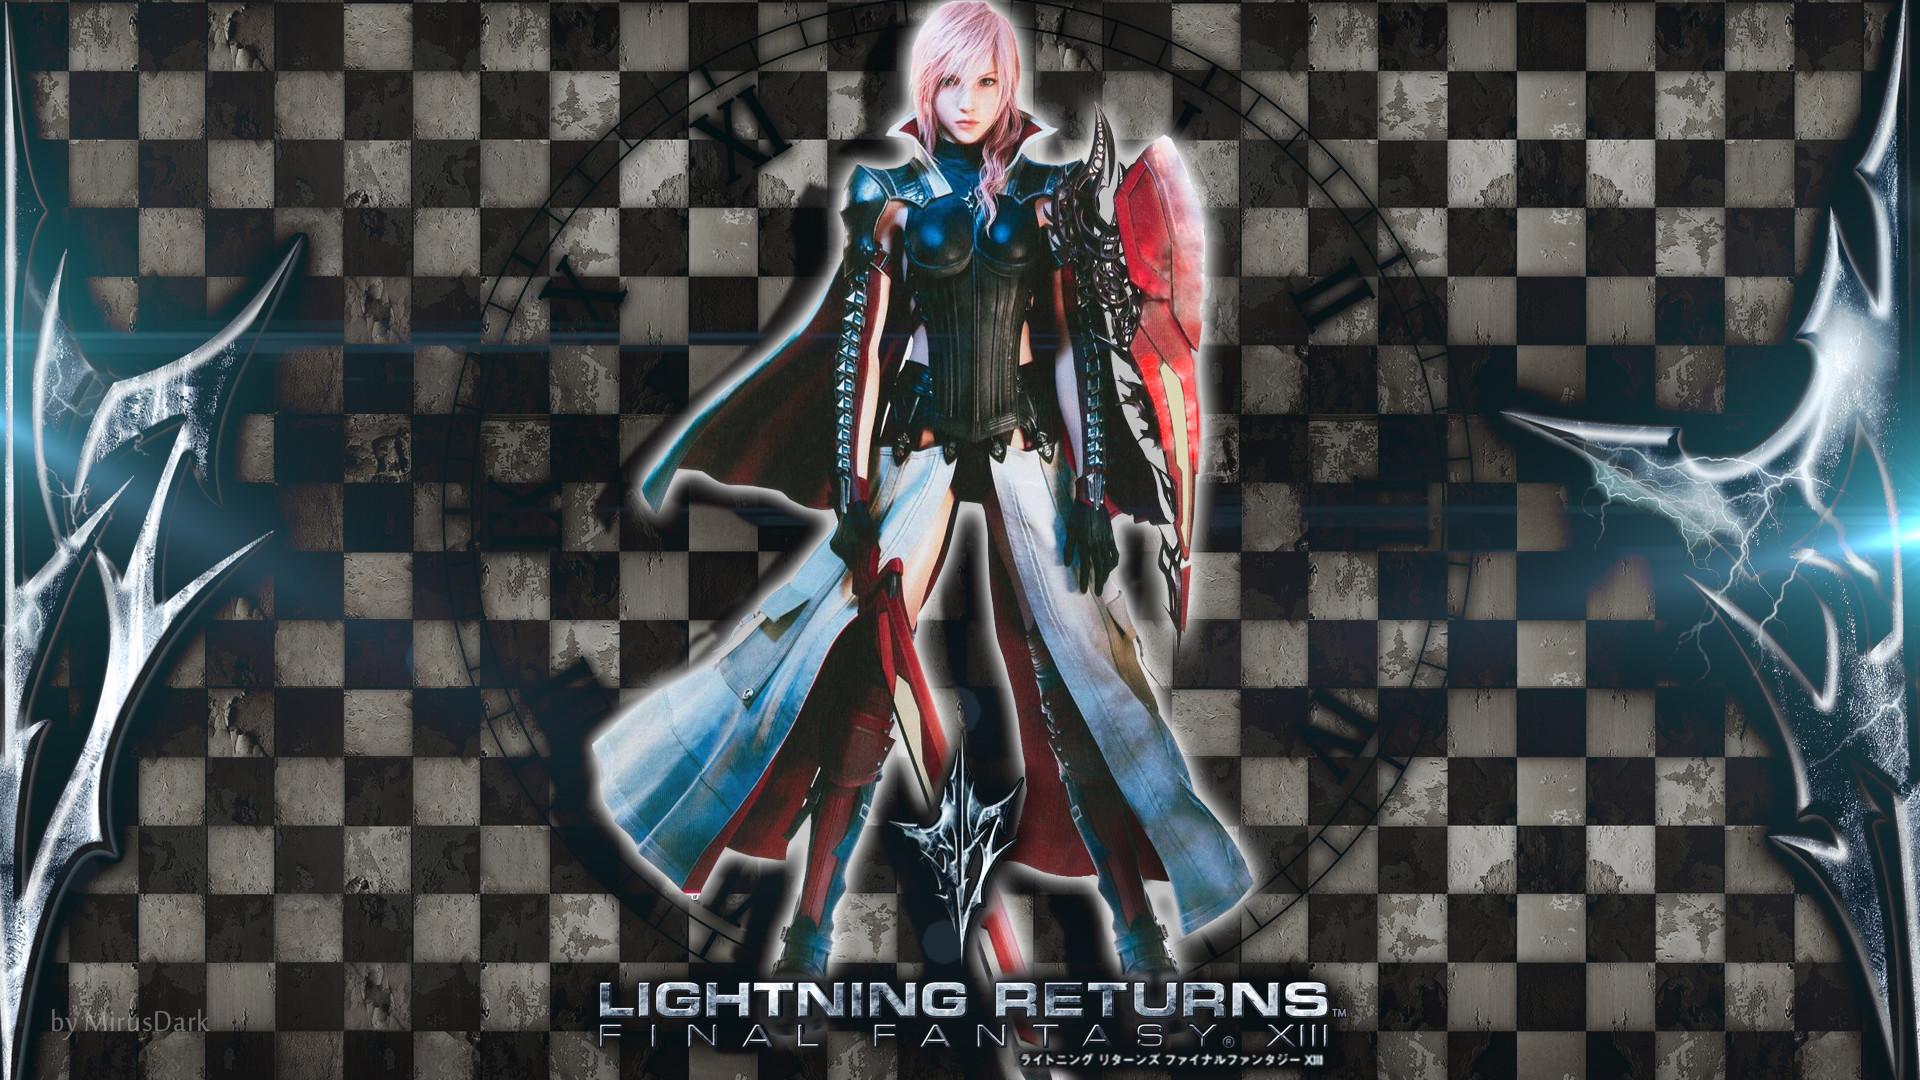 Lightning Returns: Final Fantasy XIII 1080p Wallpaper